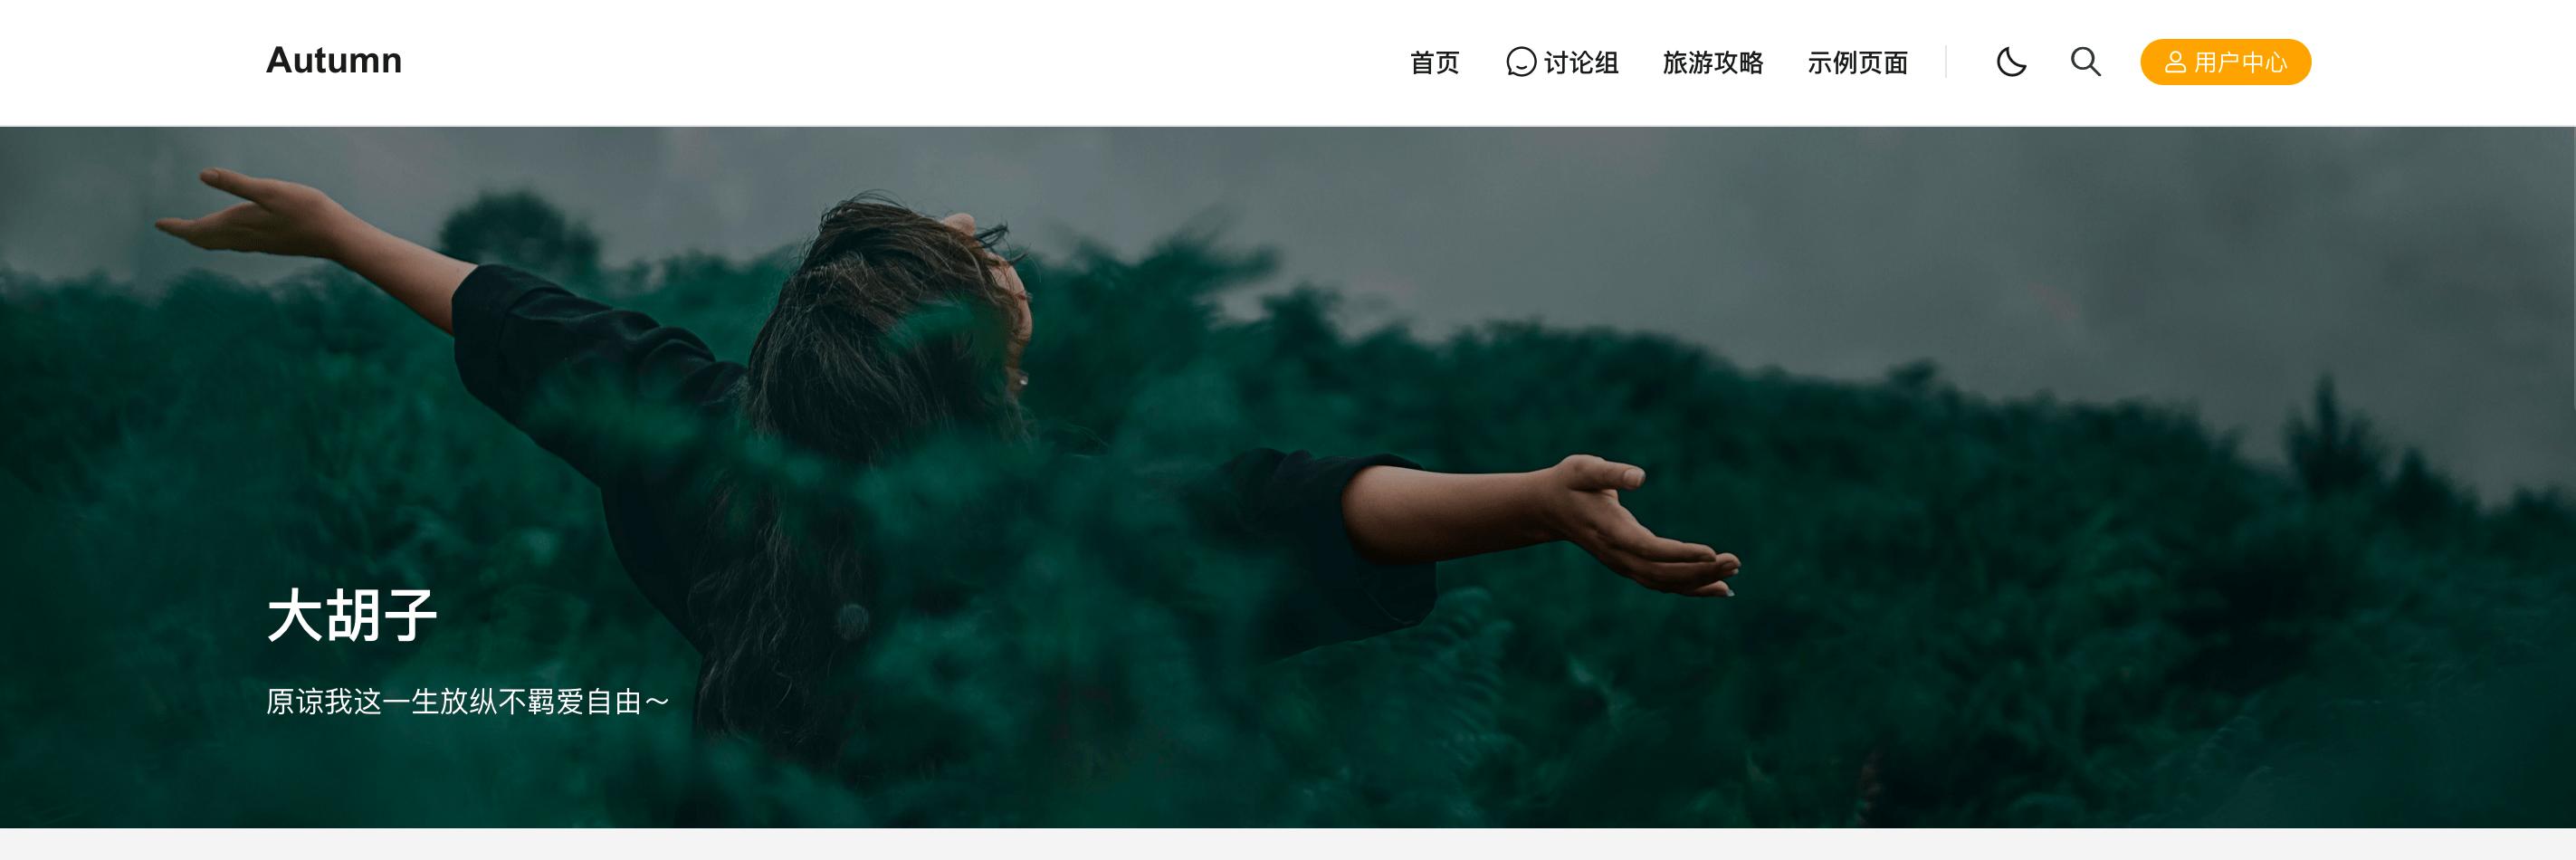 【WordPress】Autumn-Pro 2.4去授权破解版下载插图(12)